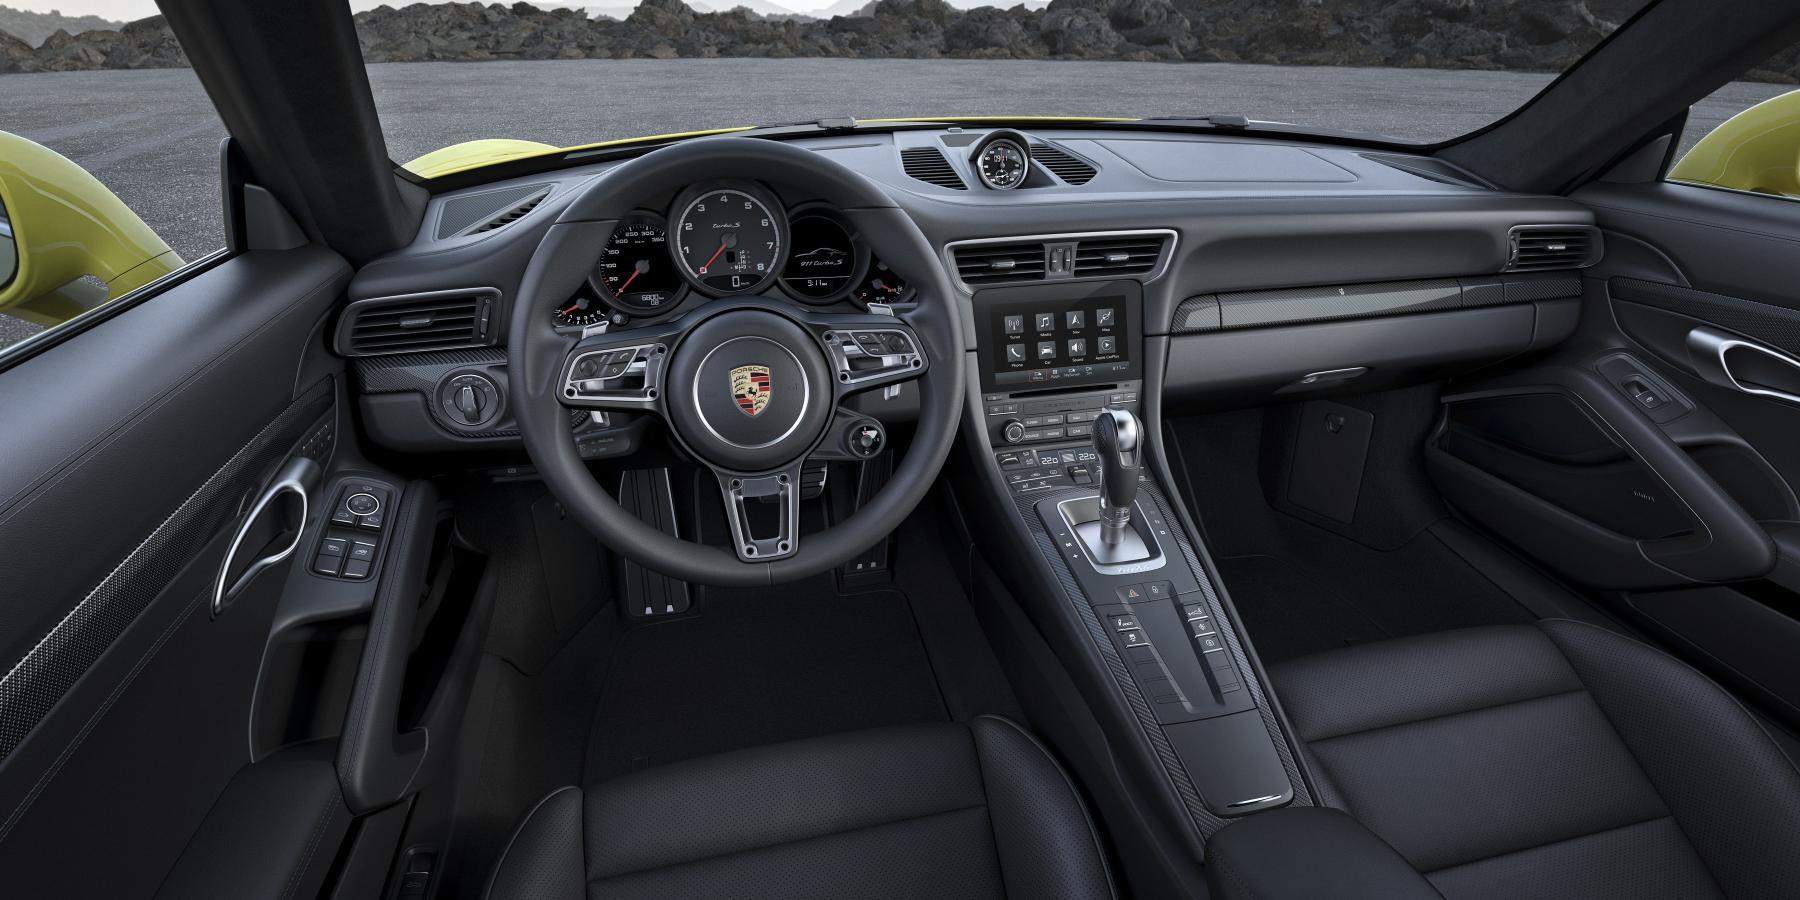 Nuova Porsche 911 Turbo e 911 Turbo S ecco i prezzi 10